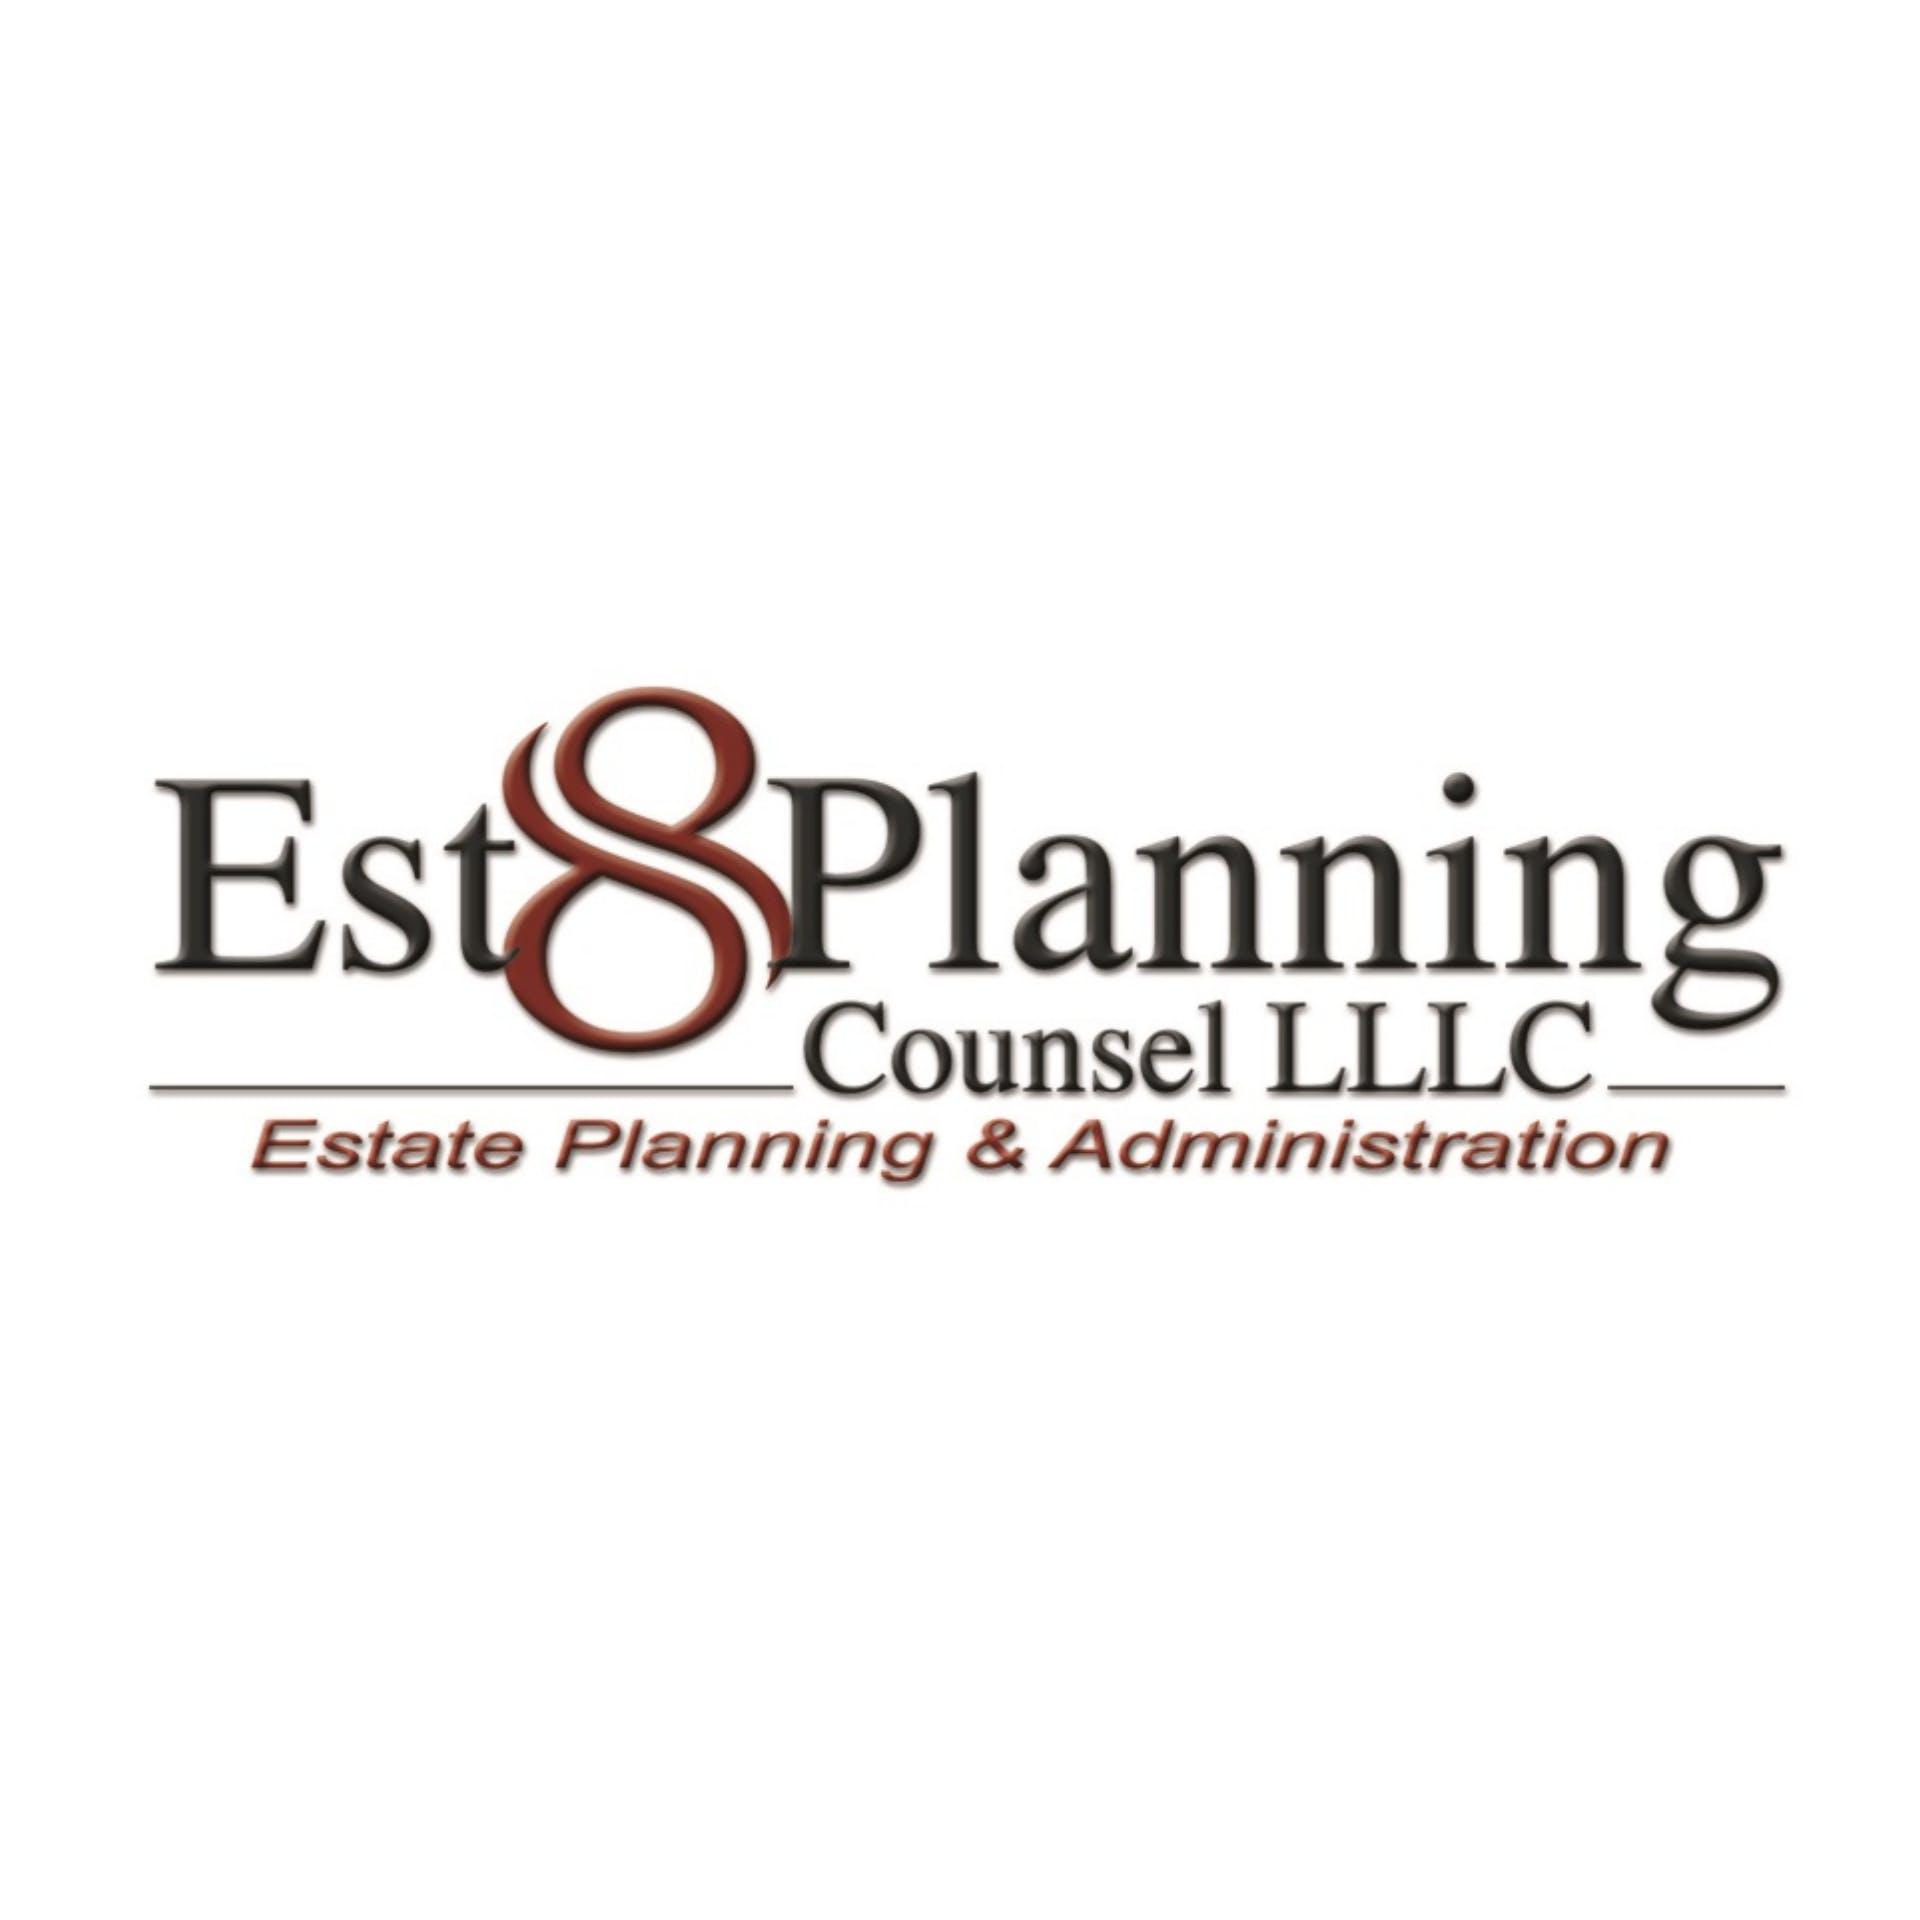 Est8Planning Essentials Workshop presented by